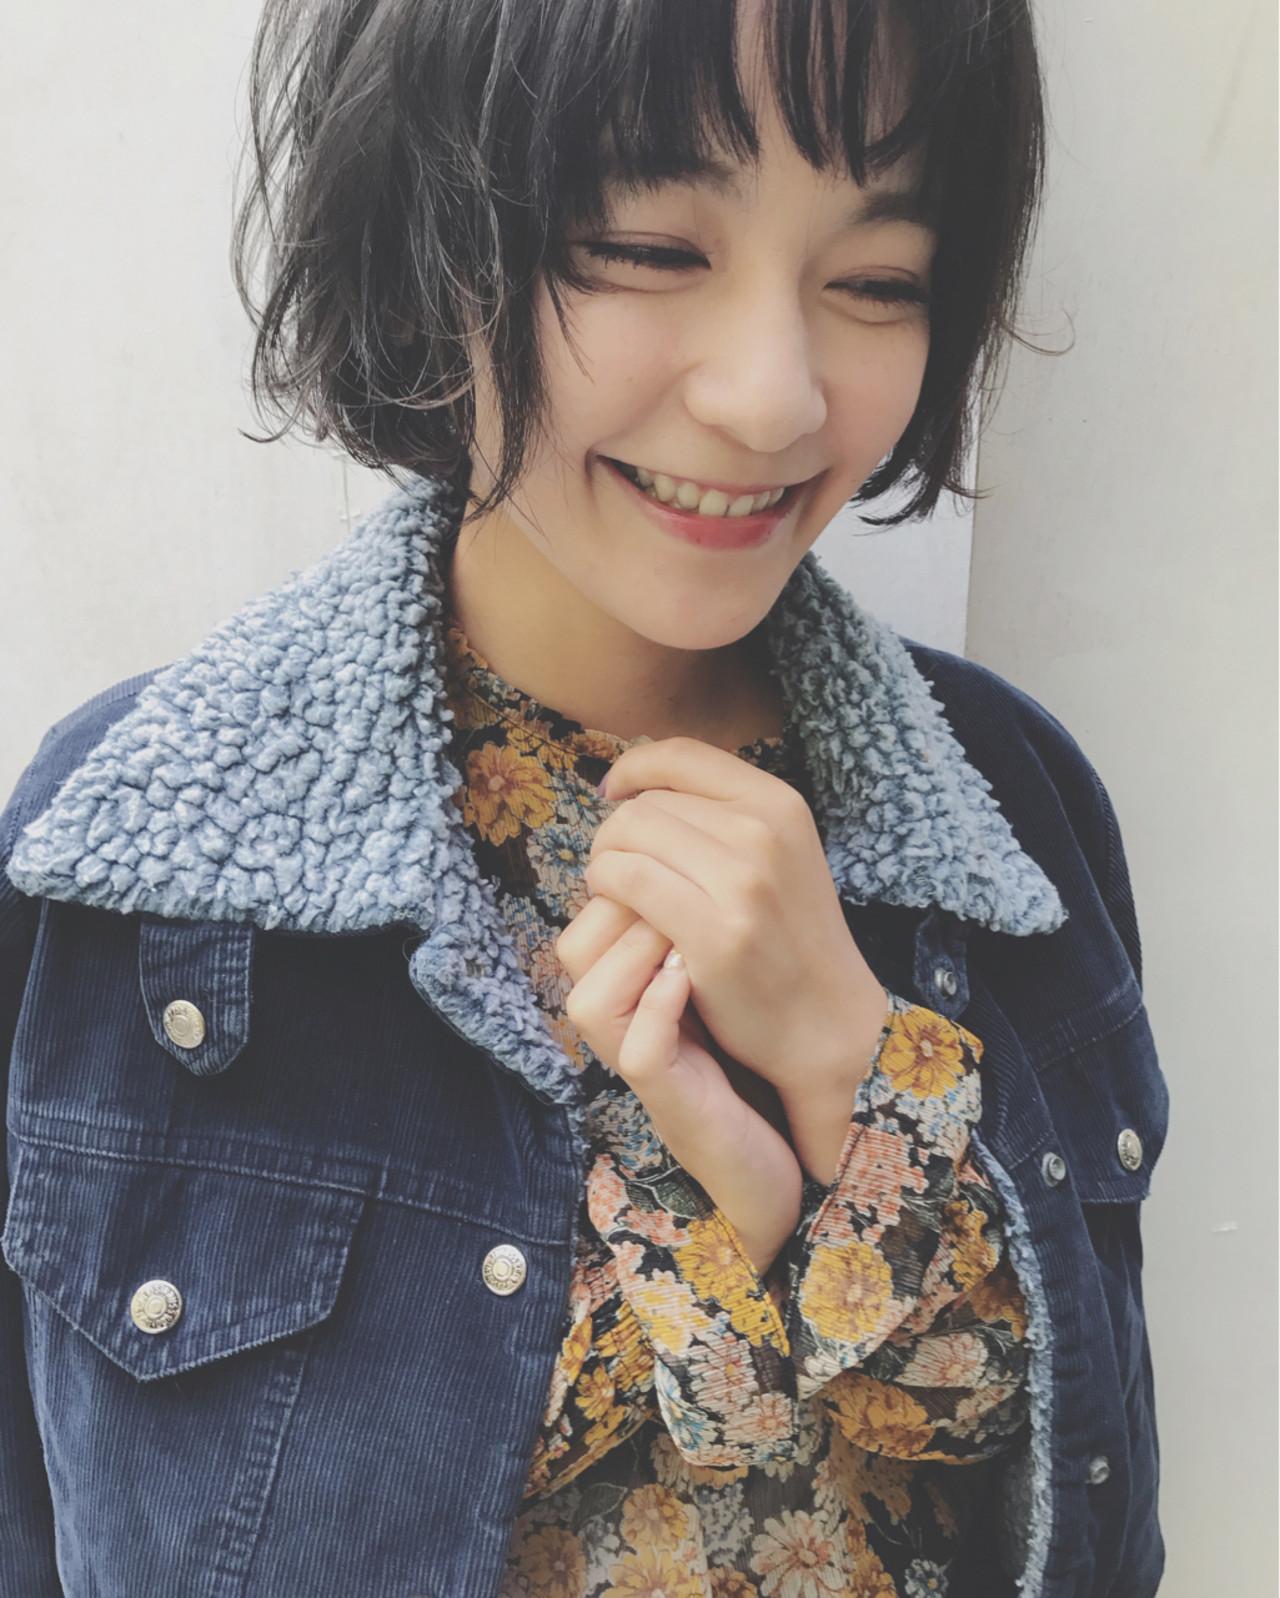 グレー 似合わせ ショート かわいい ヘアスタイルや髪型の写真・画像 | 間島 勇大 / Gigi